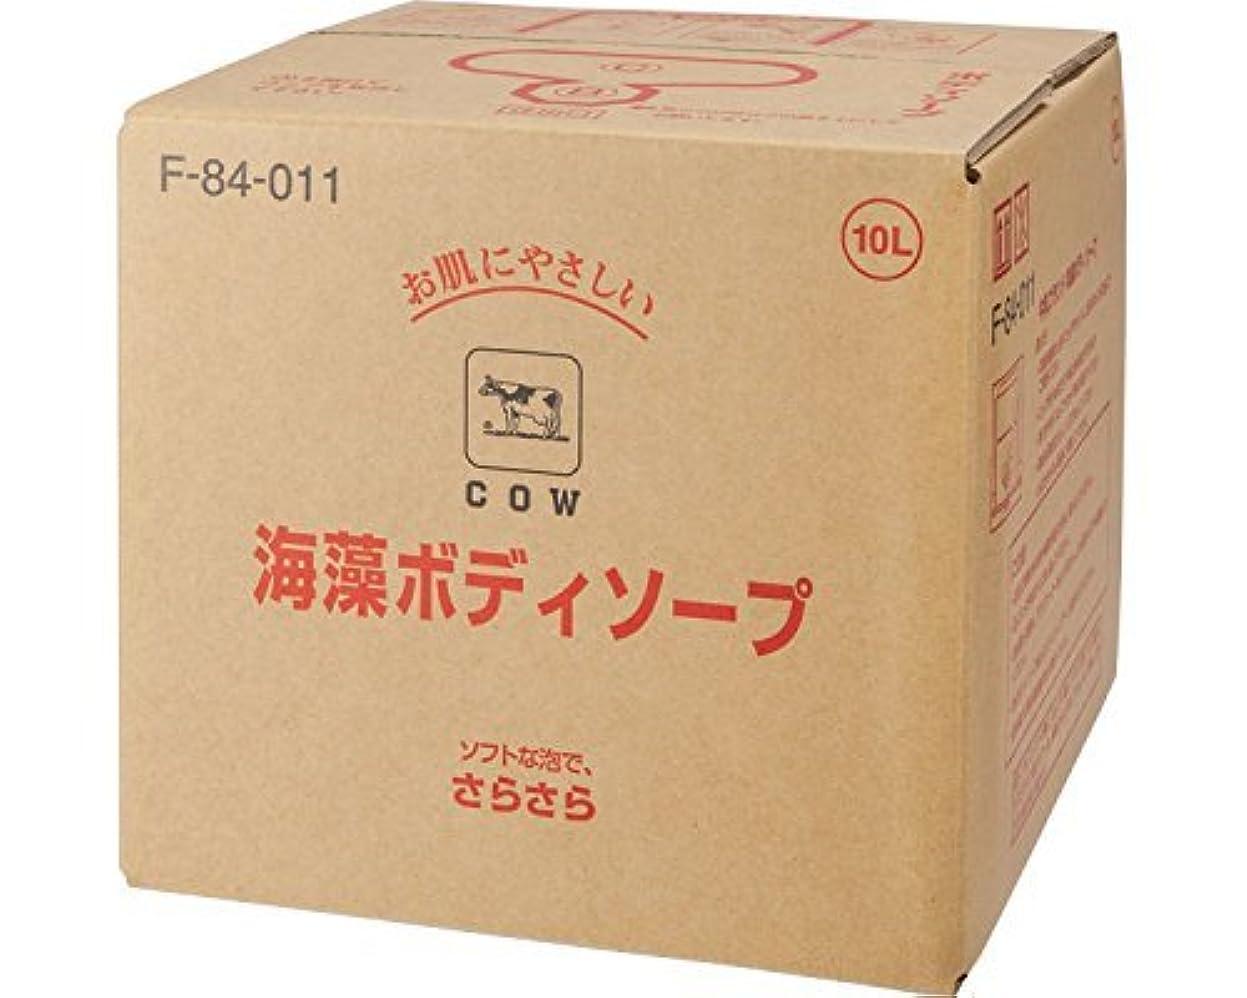 上院議員高齢者植物学牛乳ブランド 海藻ボディソープ /  10L F-84-011 【牛乳石鹸】 【清拭小物】